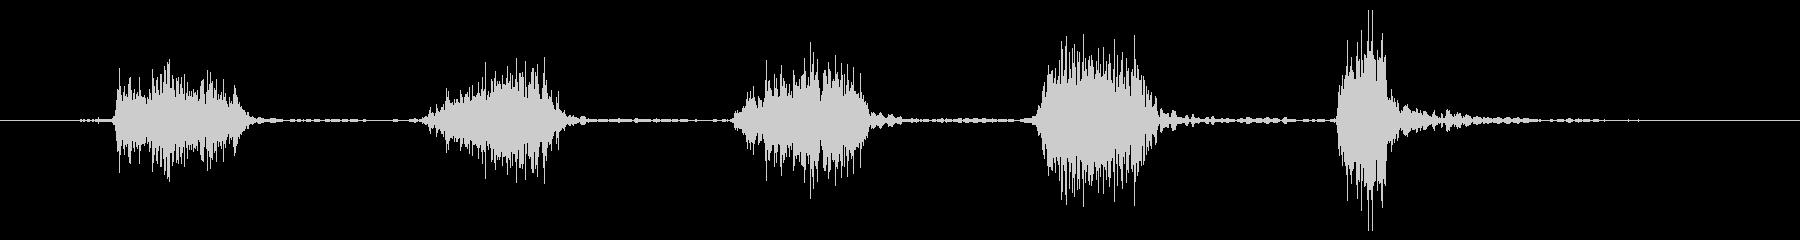 小さなギロチンスタイルのペーパーカ...の未再生の波形